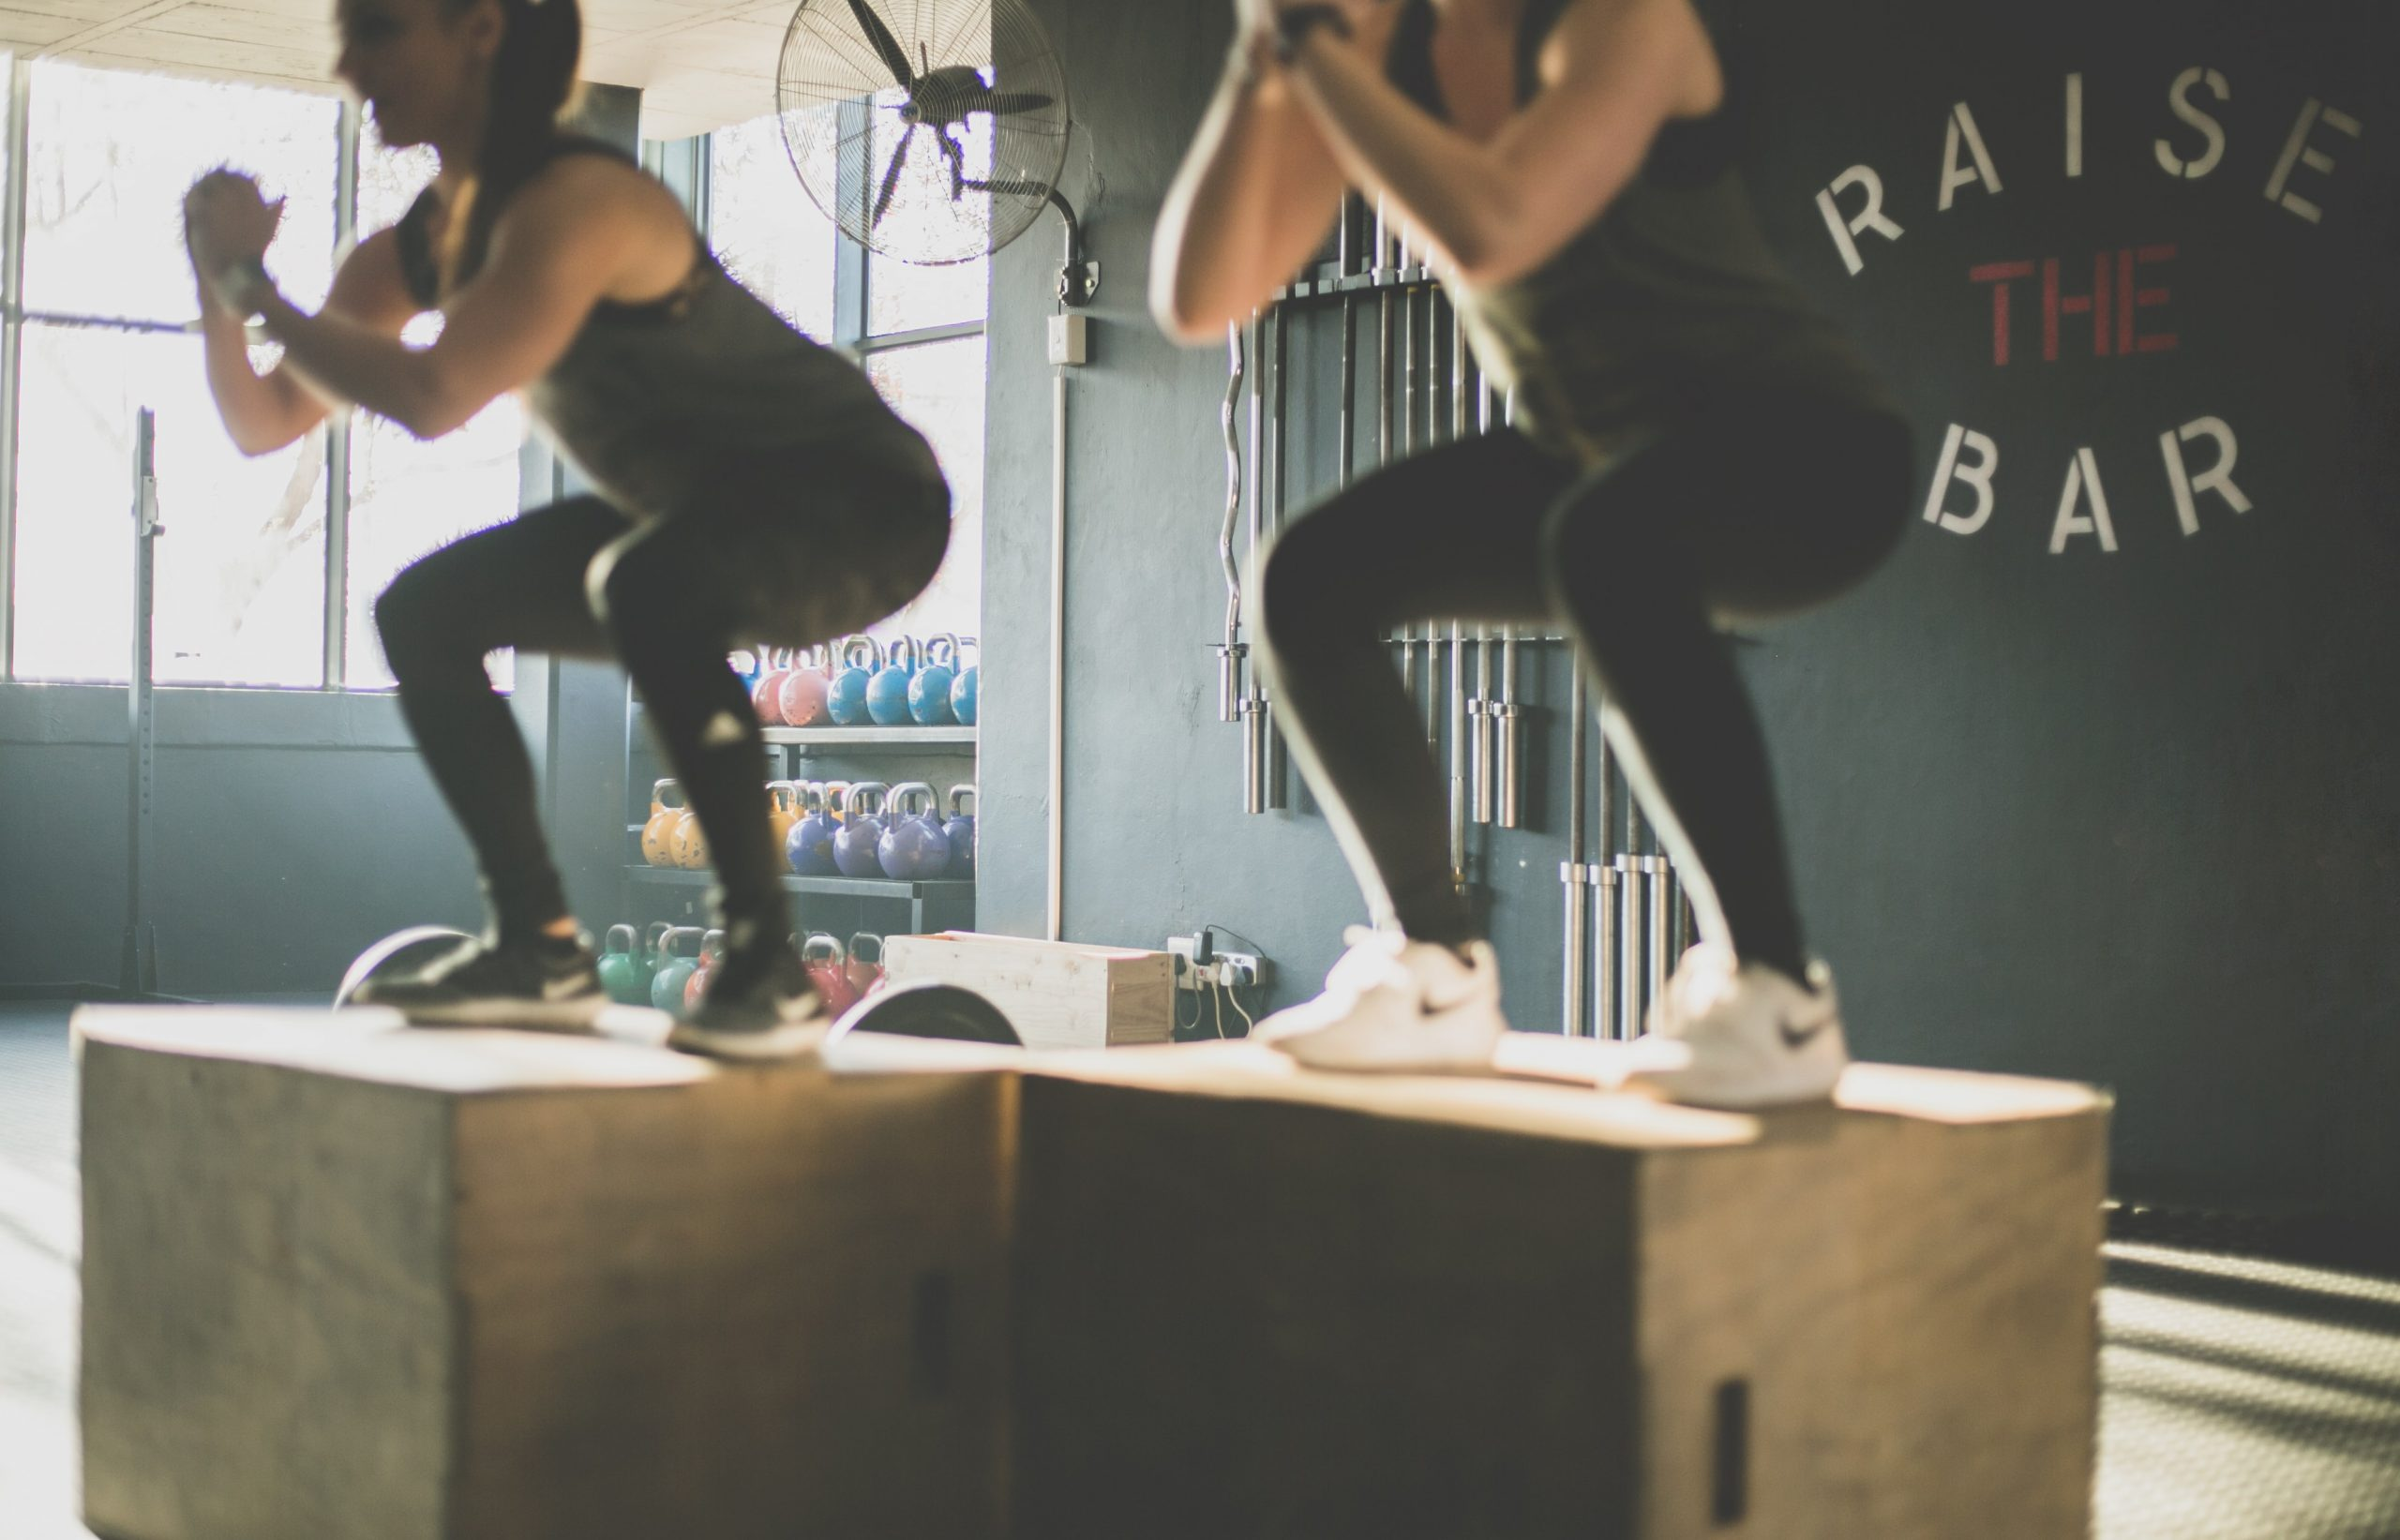 Squats and box jumps